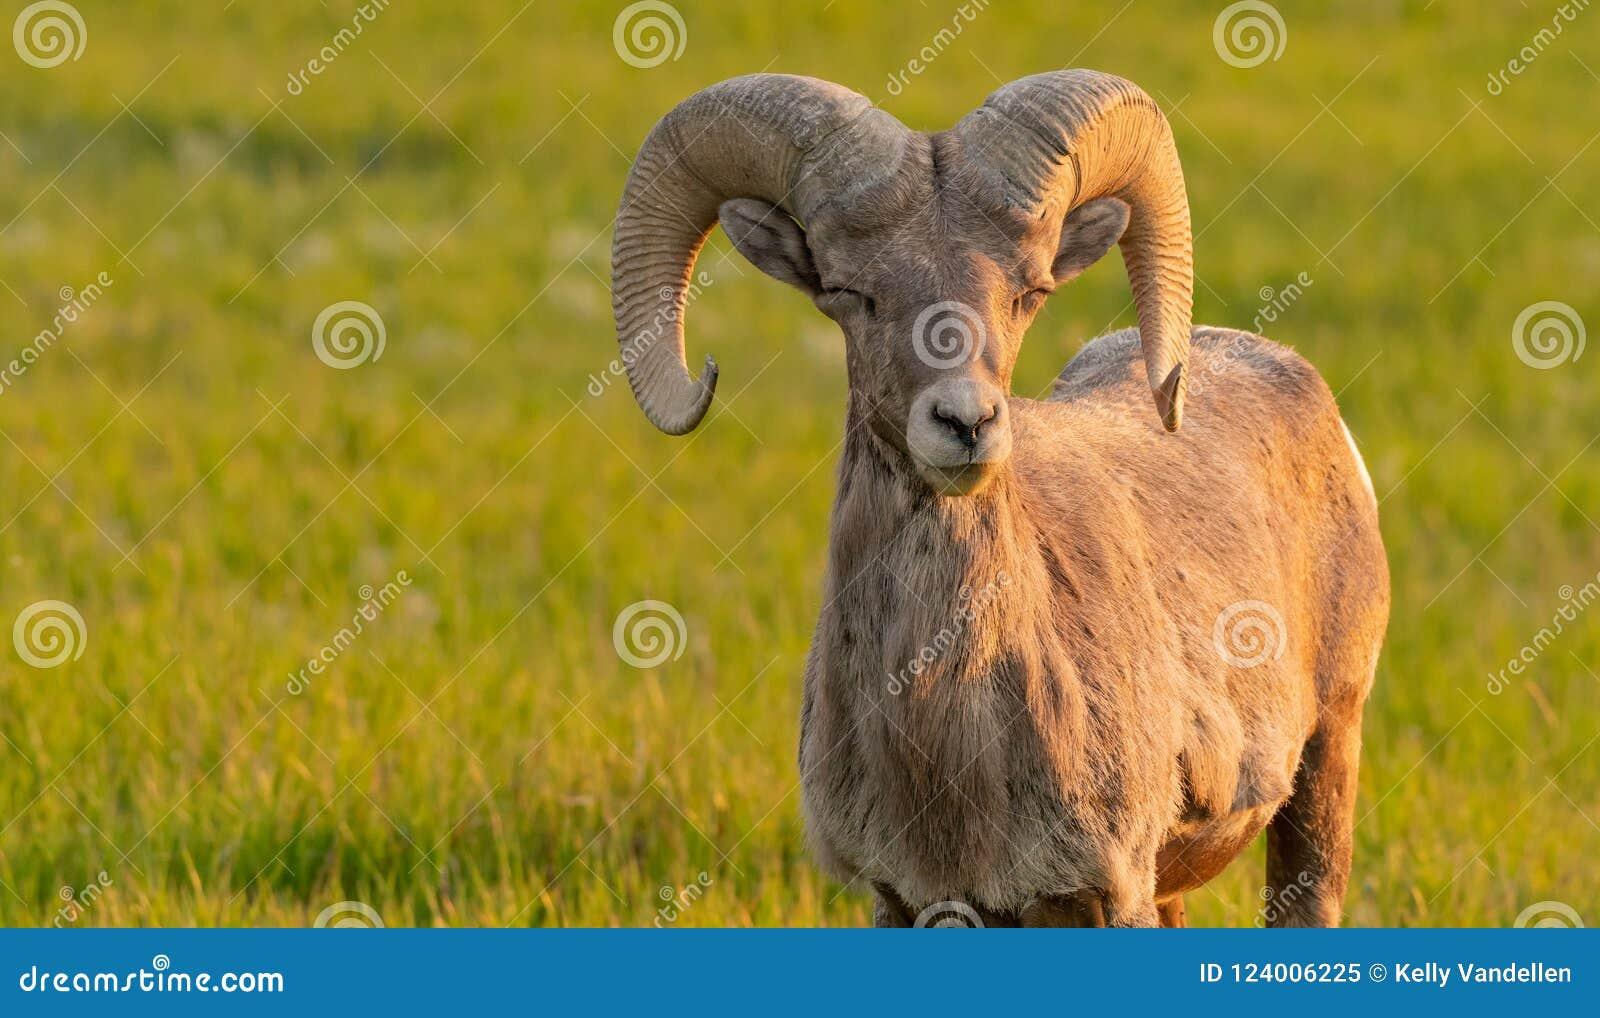 La oveja de Bighorn cierra ojos y aparece hacer muecas